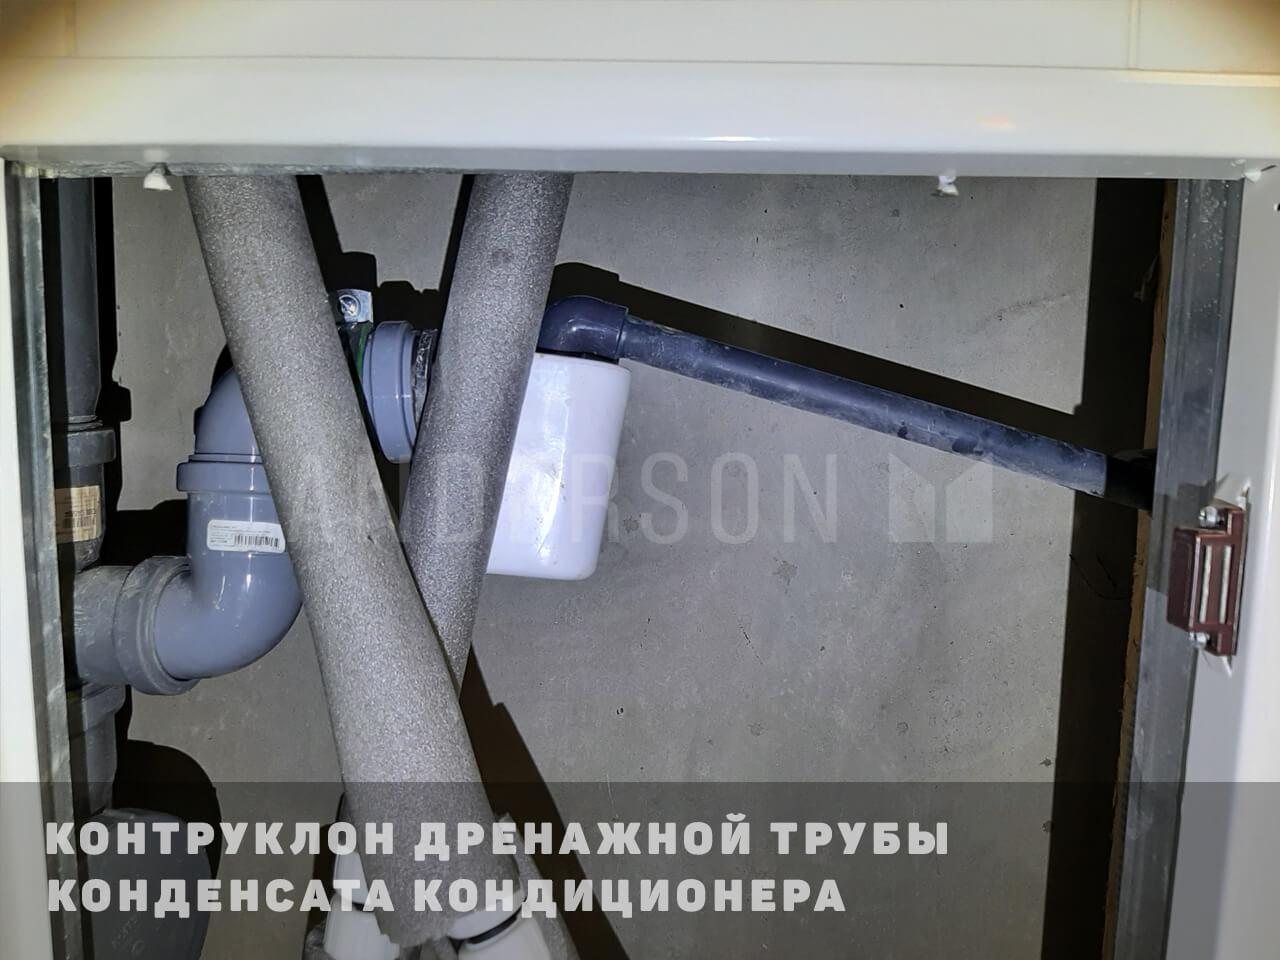 Контруклон дренажной трубы кондиционера